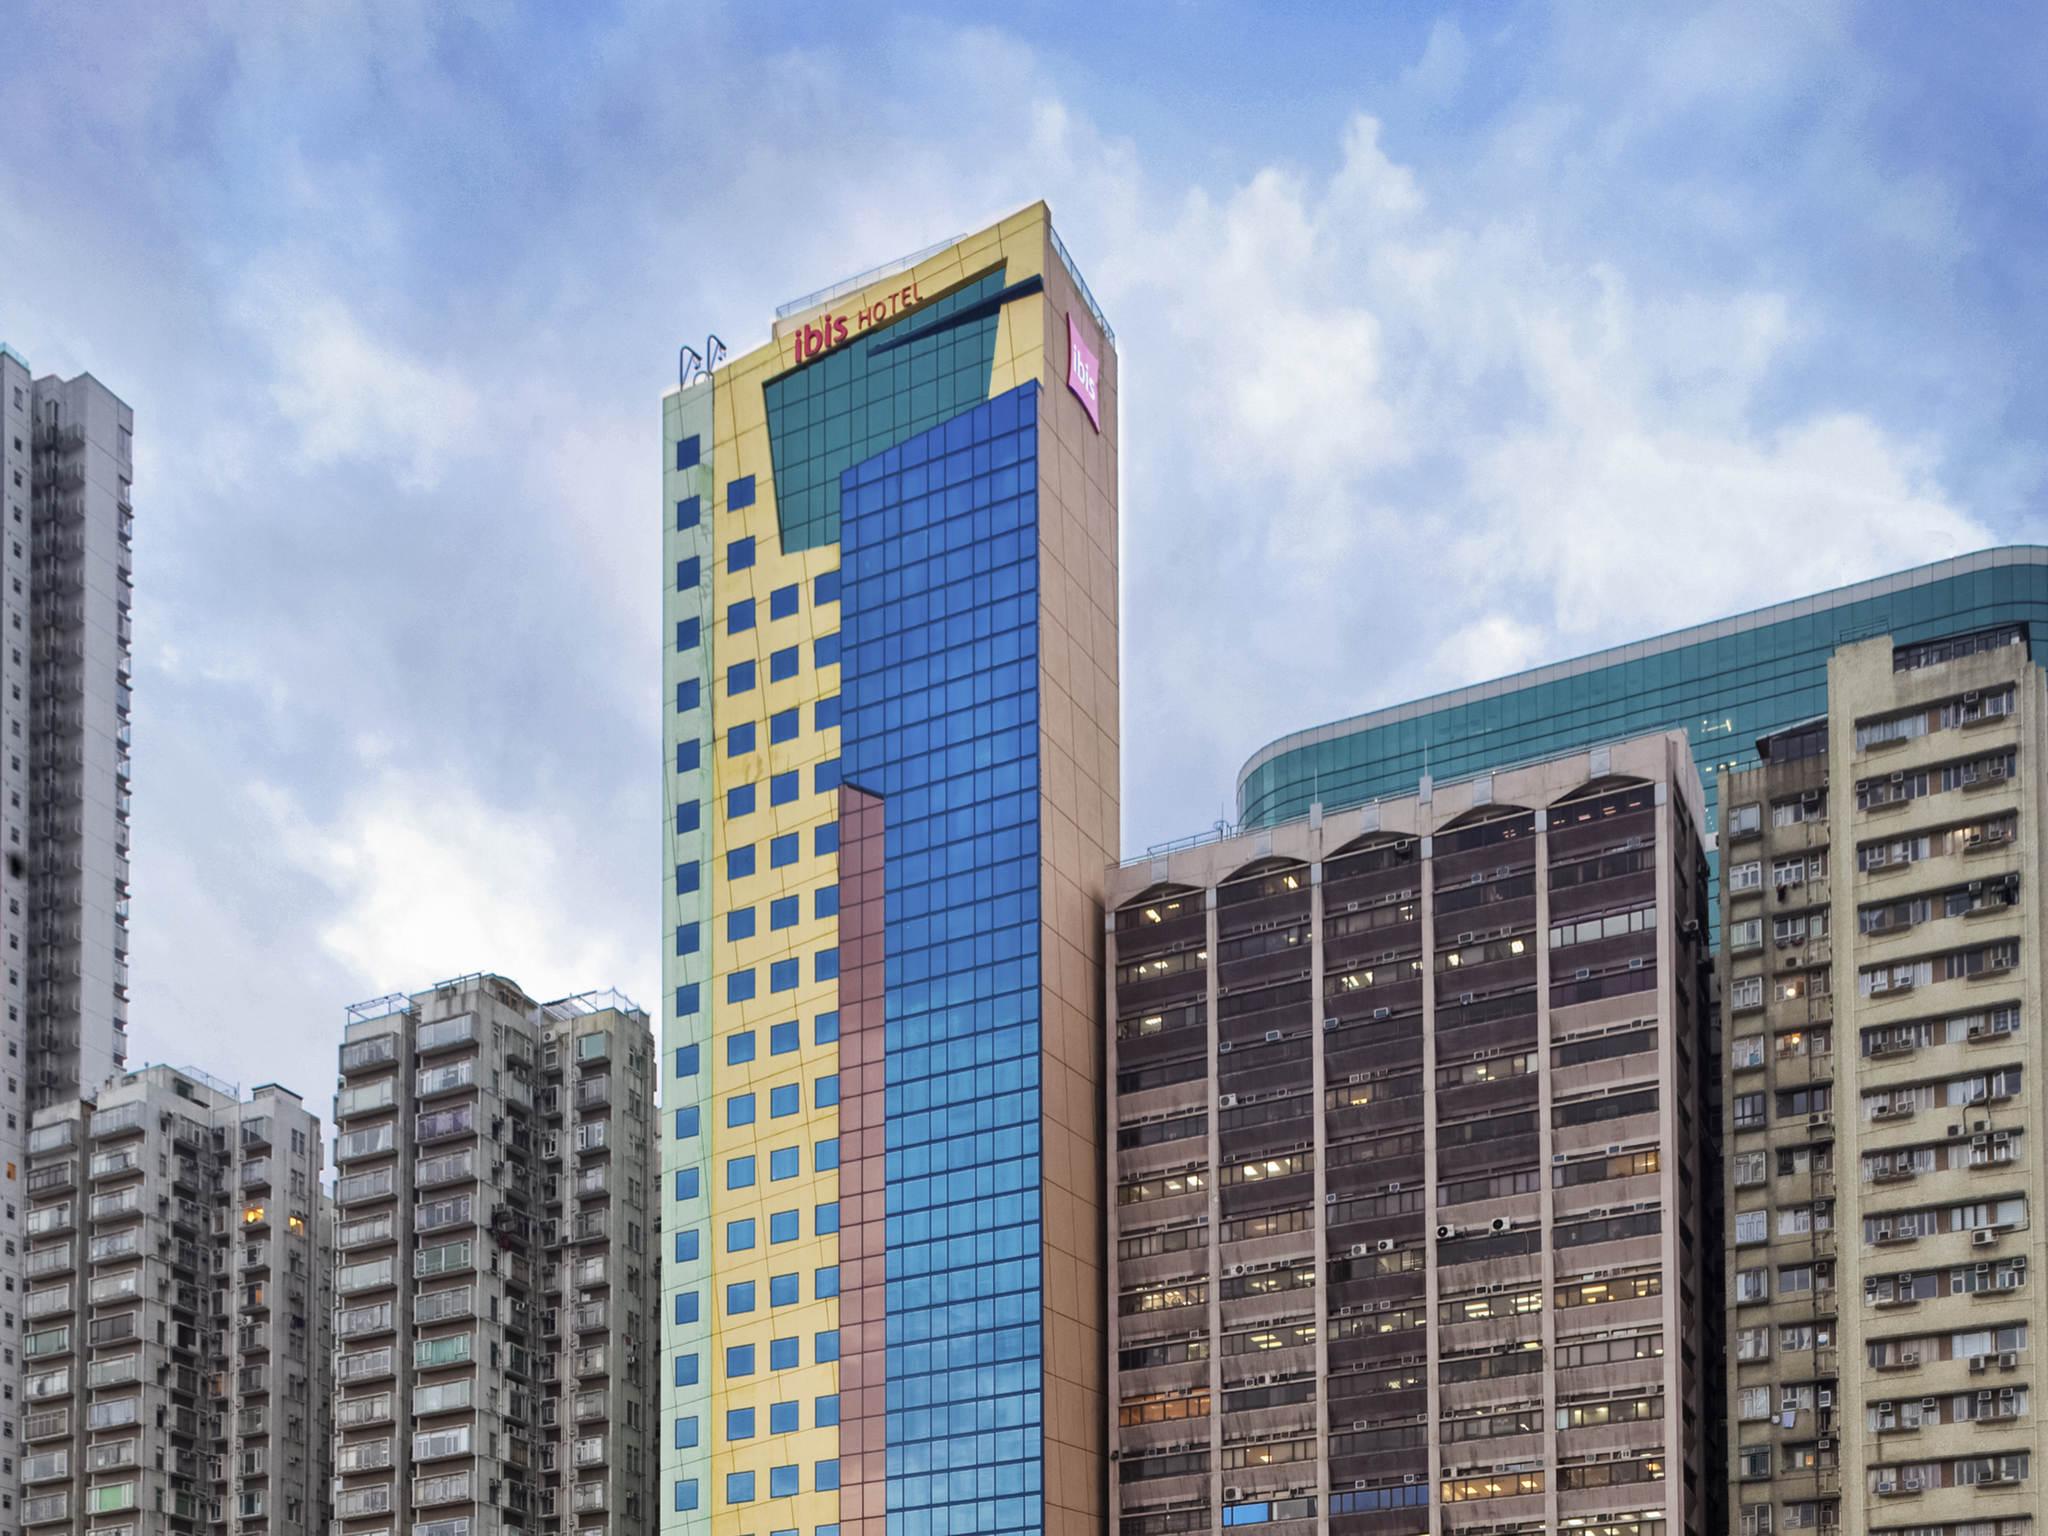 โรงแรม – ไอบิส ฮ่องกง นอร์ท พอยท์